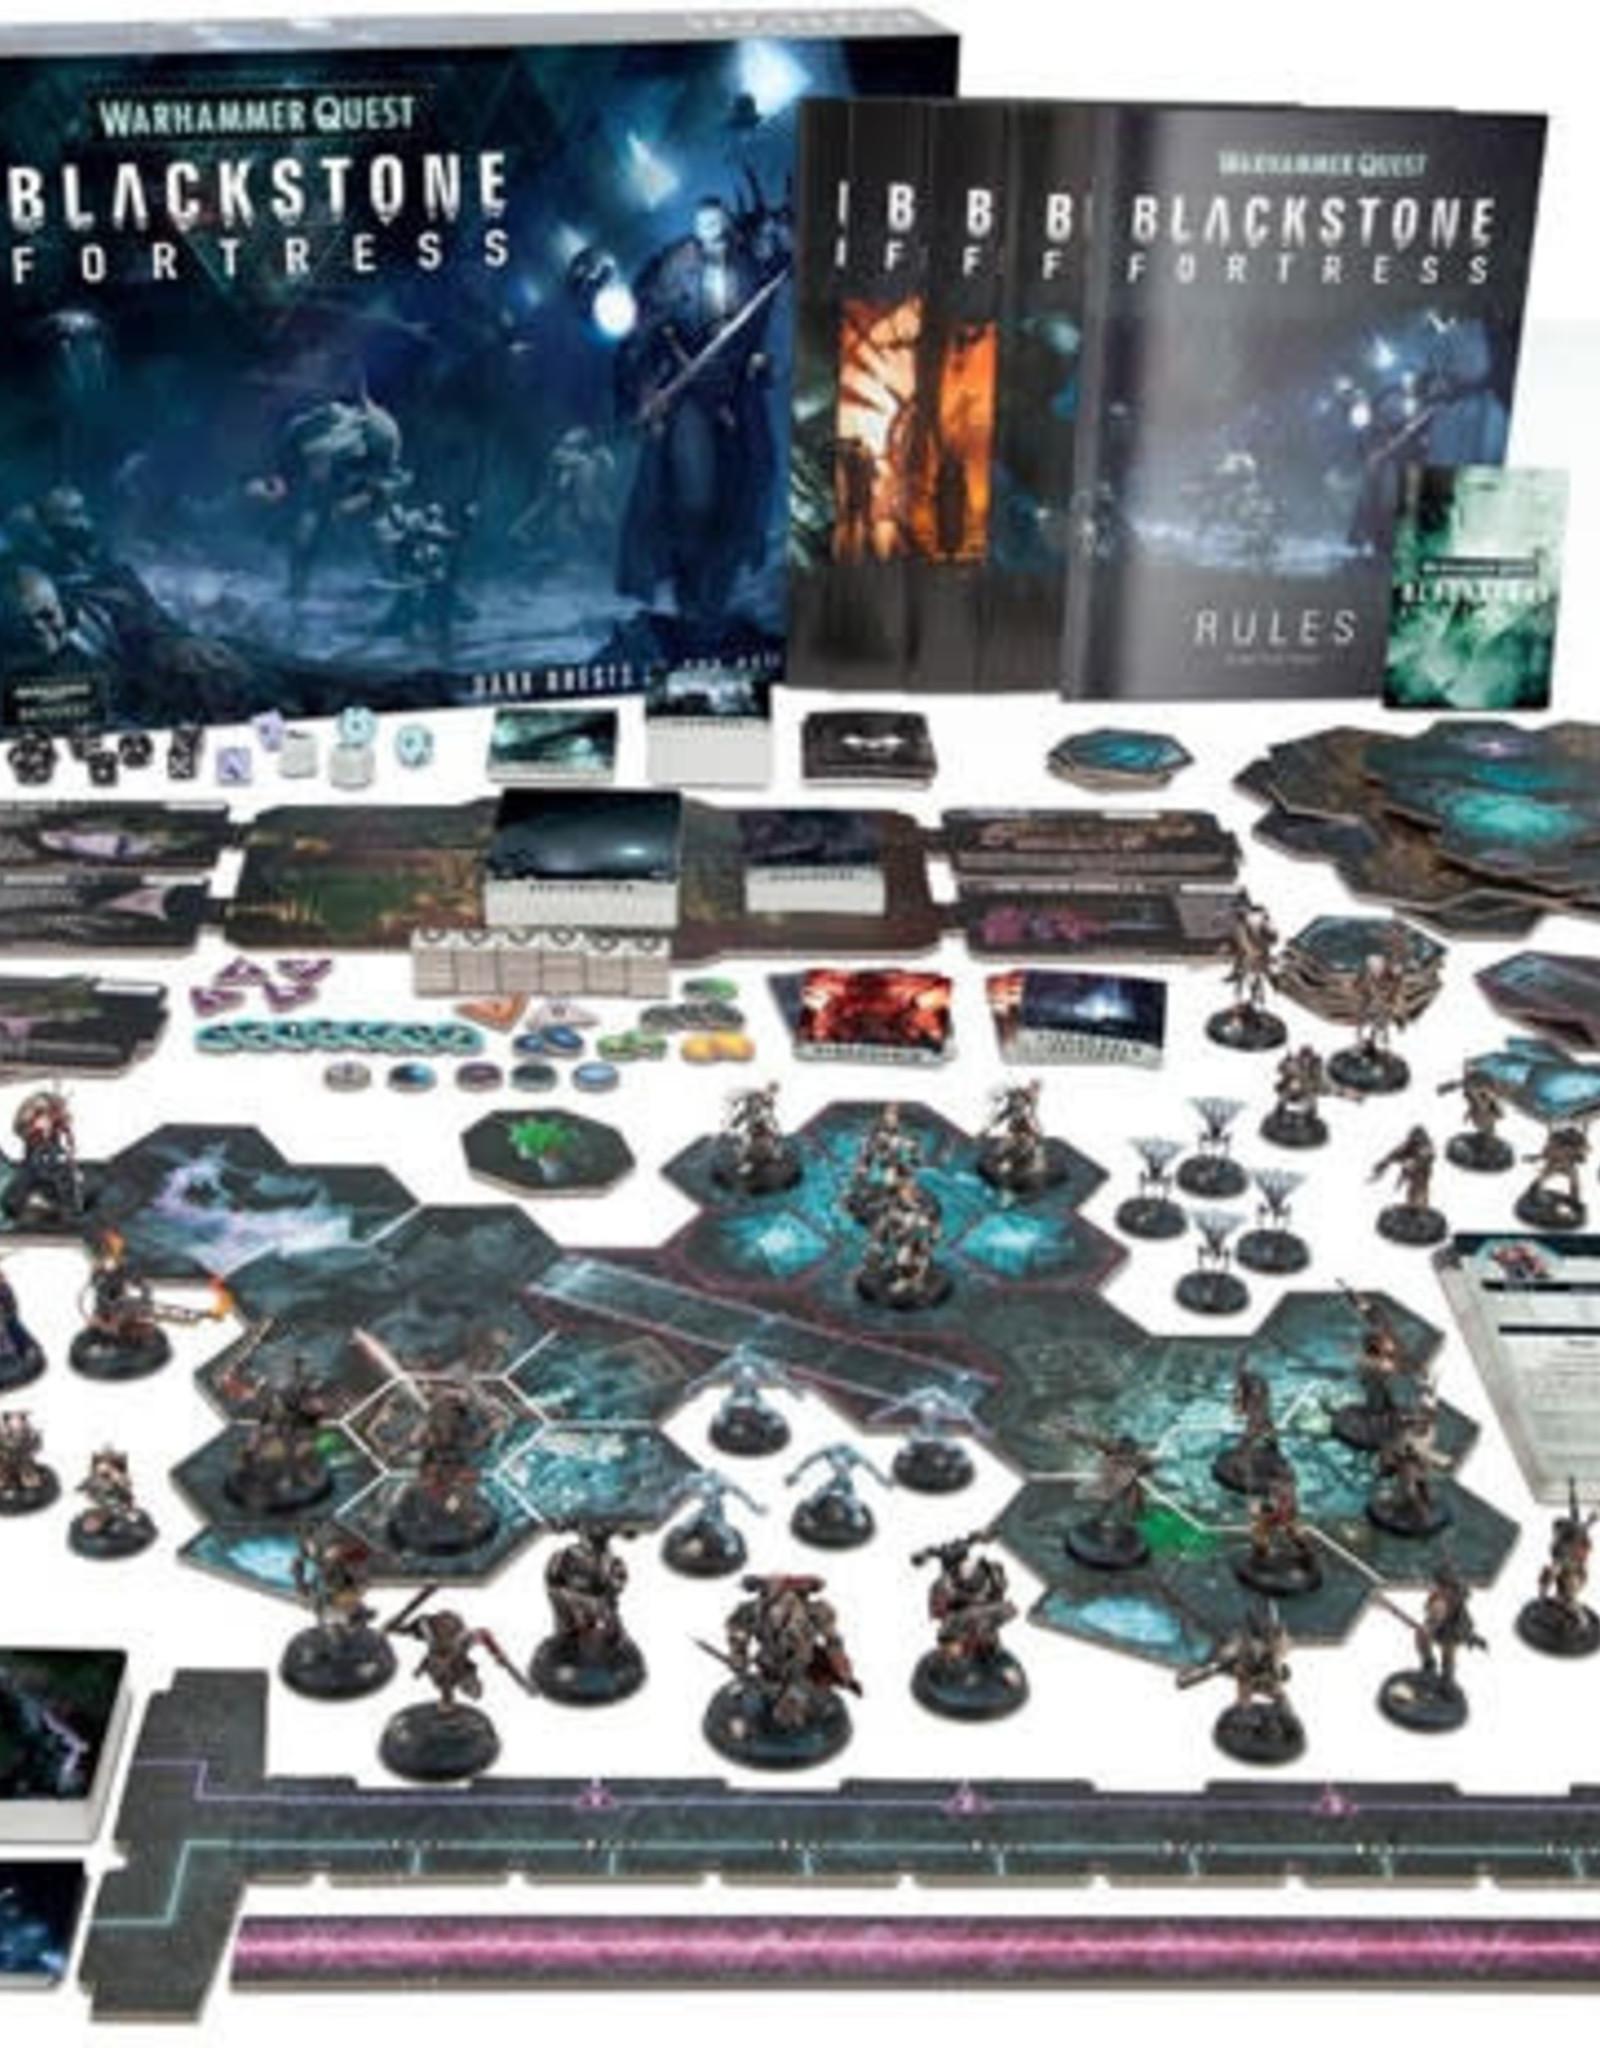 Warhammer Quest Warhammer Quest: Blackstone Fortress